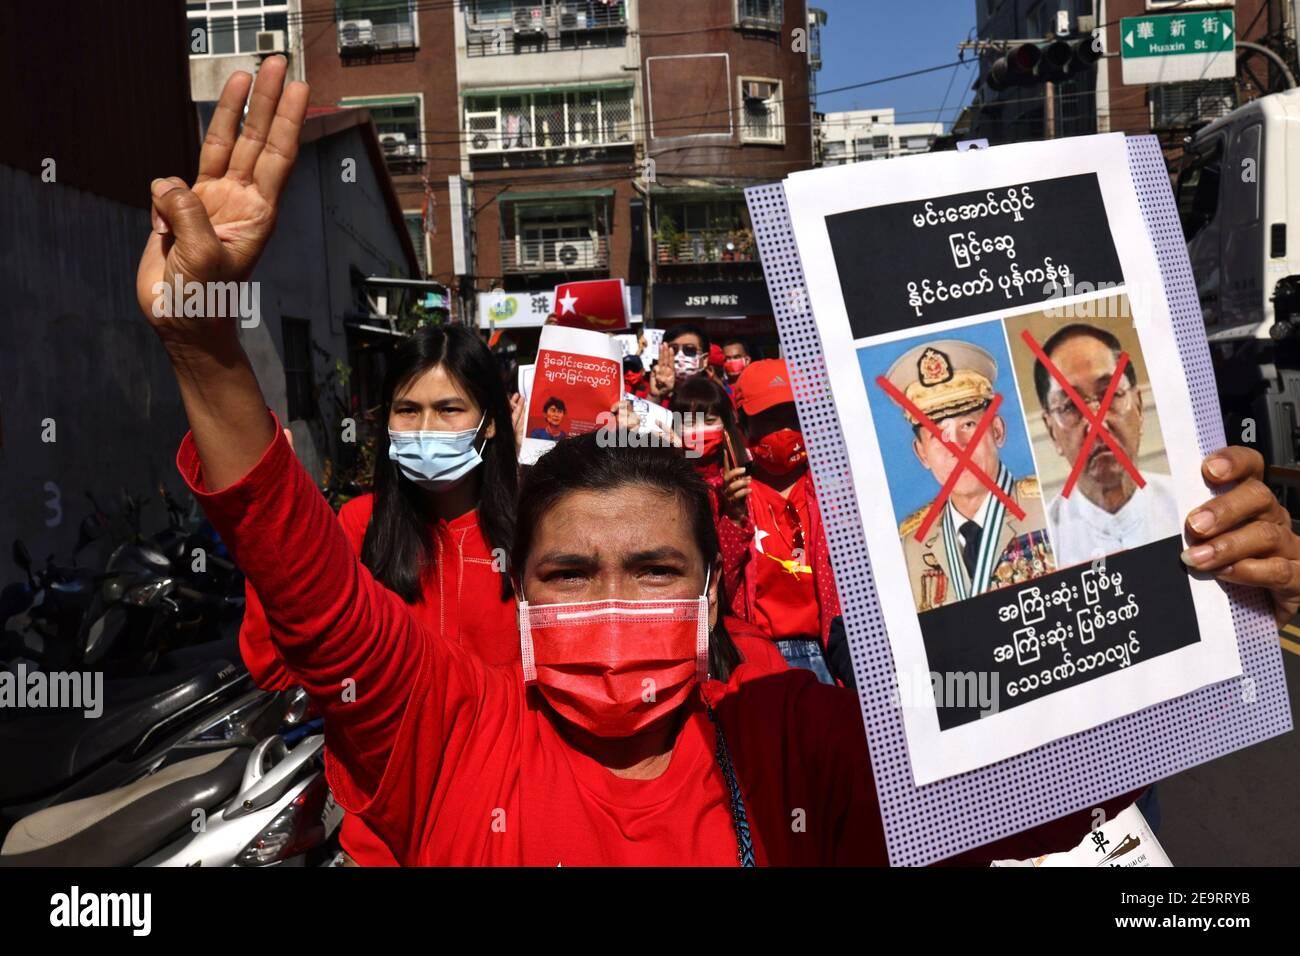 Des membres de la communauté birmane à Taipei protestent contre le coup d'État militaire du Myanmar à Little Burma, qui abrite de nombreux immigrants birmans de Taïwan, à Taipei, Taïwan, le 6 février 2021. REUTERS/Ann Wang Banque D'Images